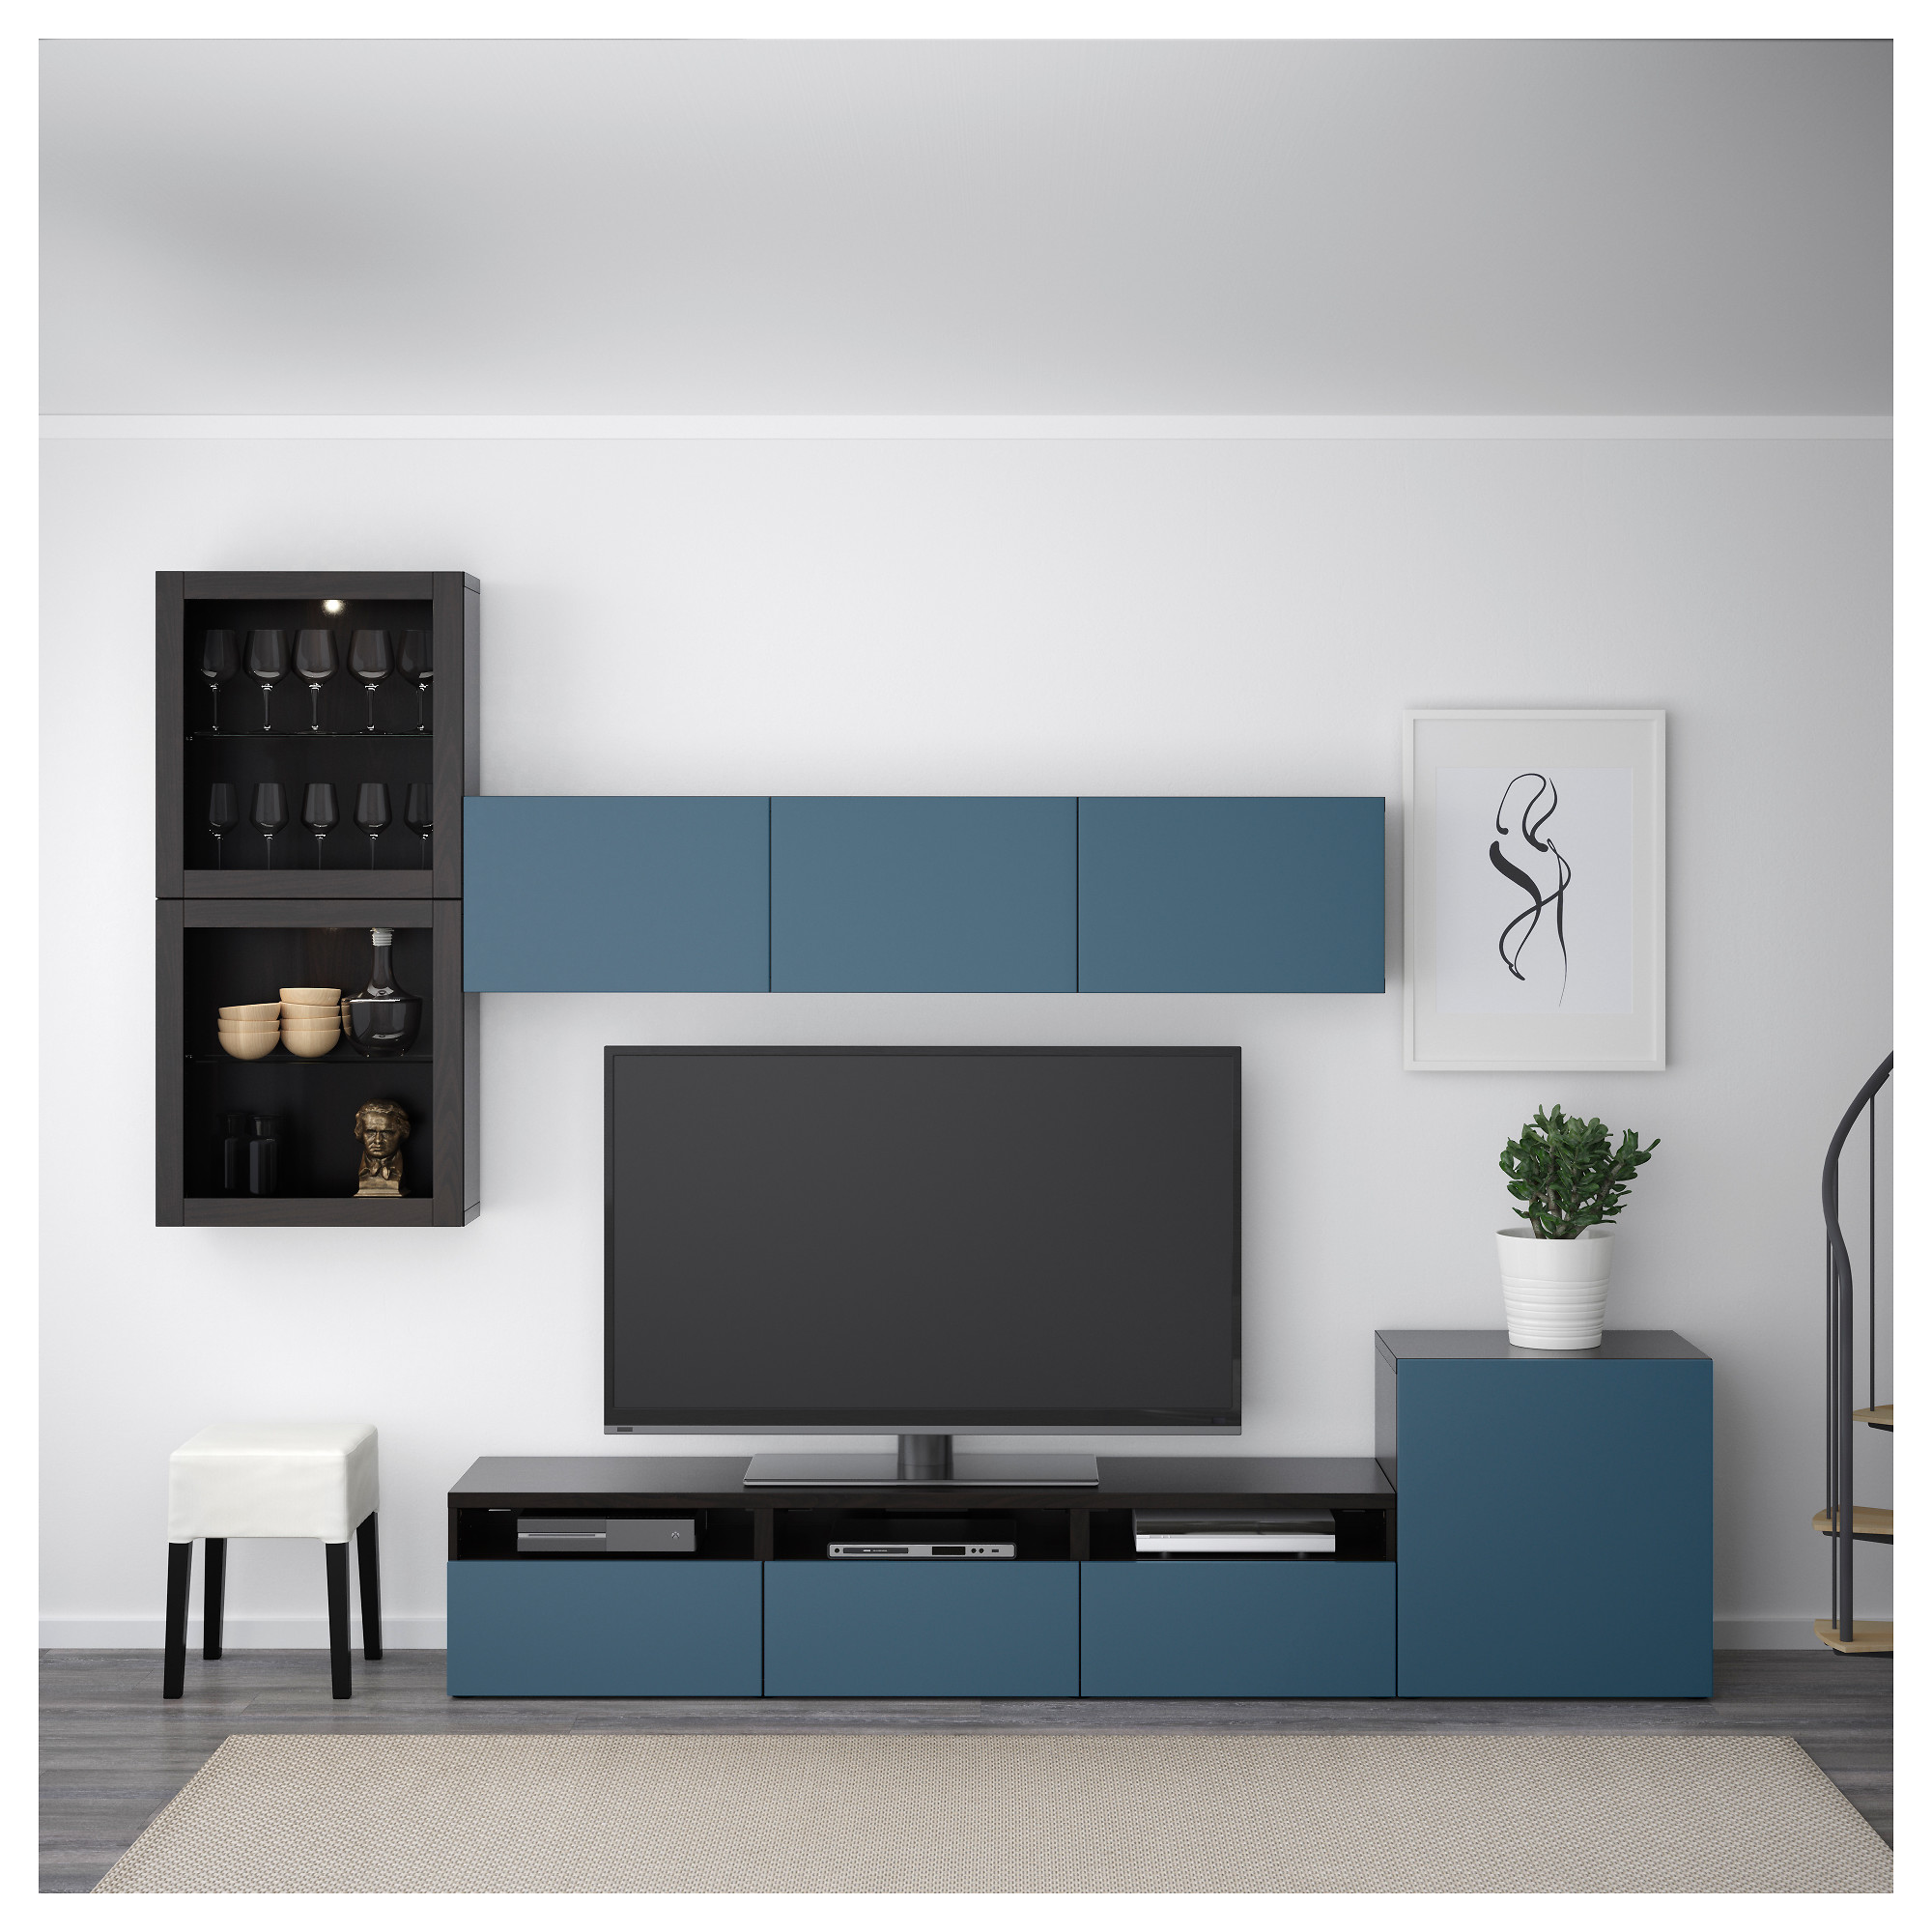 Шкаф для ТВ, комбинированный, стекляные дверцы БЕСТО артикуль № 292.522.19 в наличии. Online магазин IKEA РБ. Недорогая доставка и монтаж.